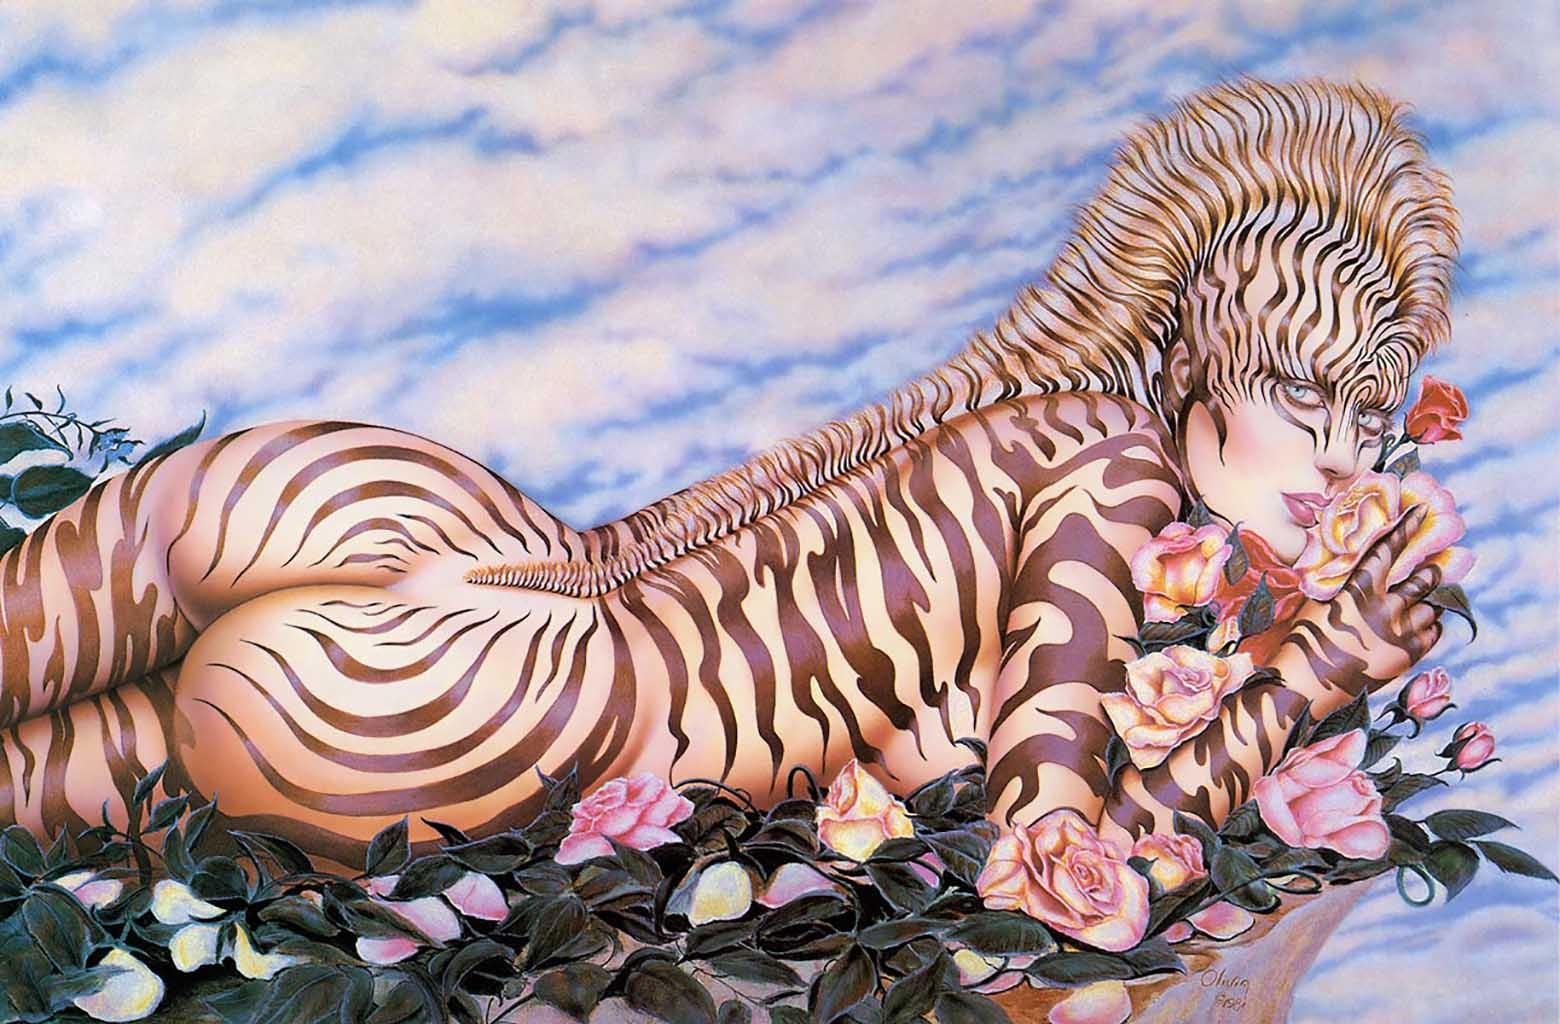 """Оливия де Берардинис (Olivia de Berardinis), """"Zebra Lady Two"""""""